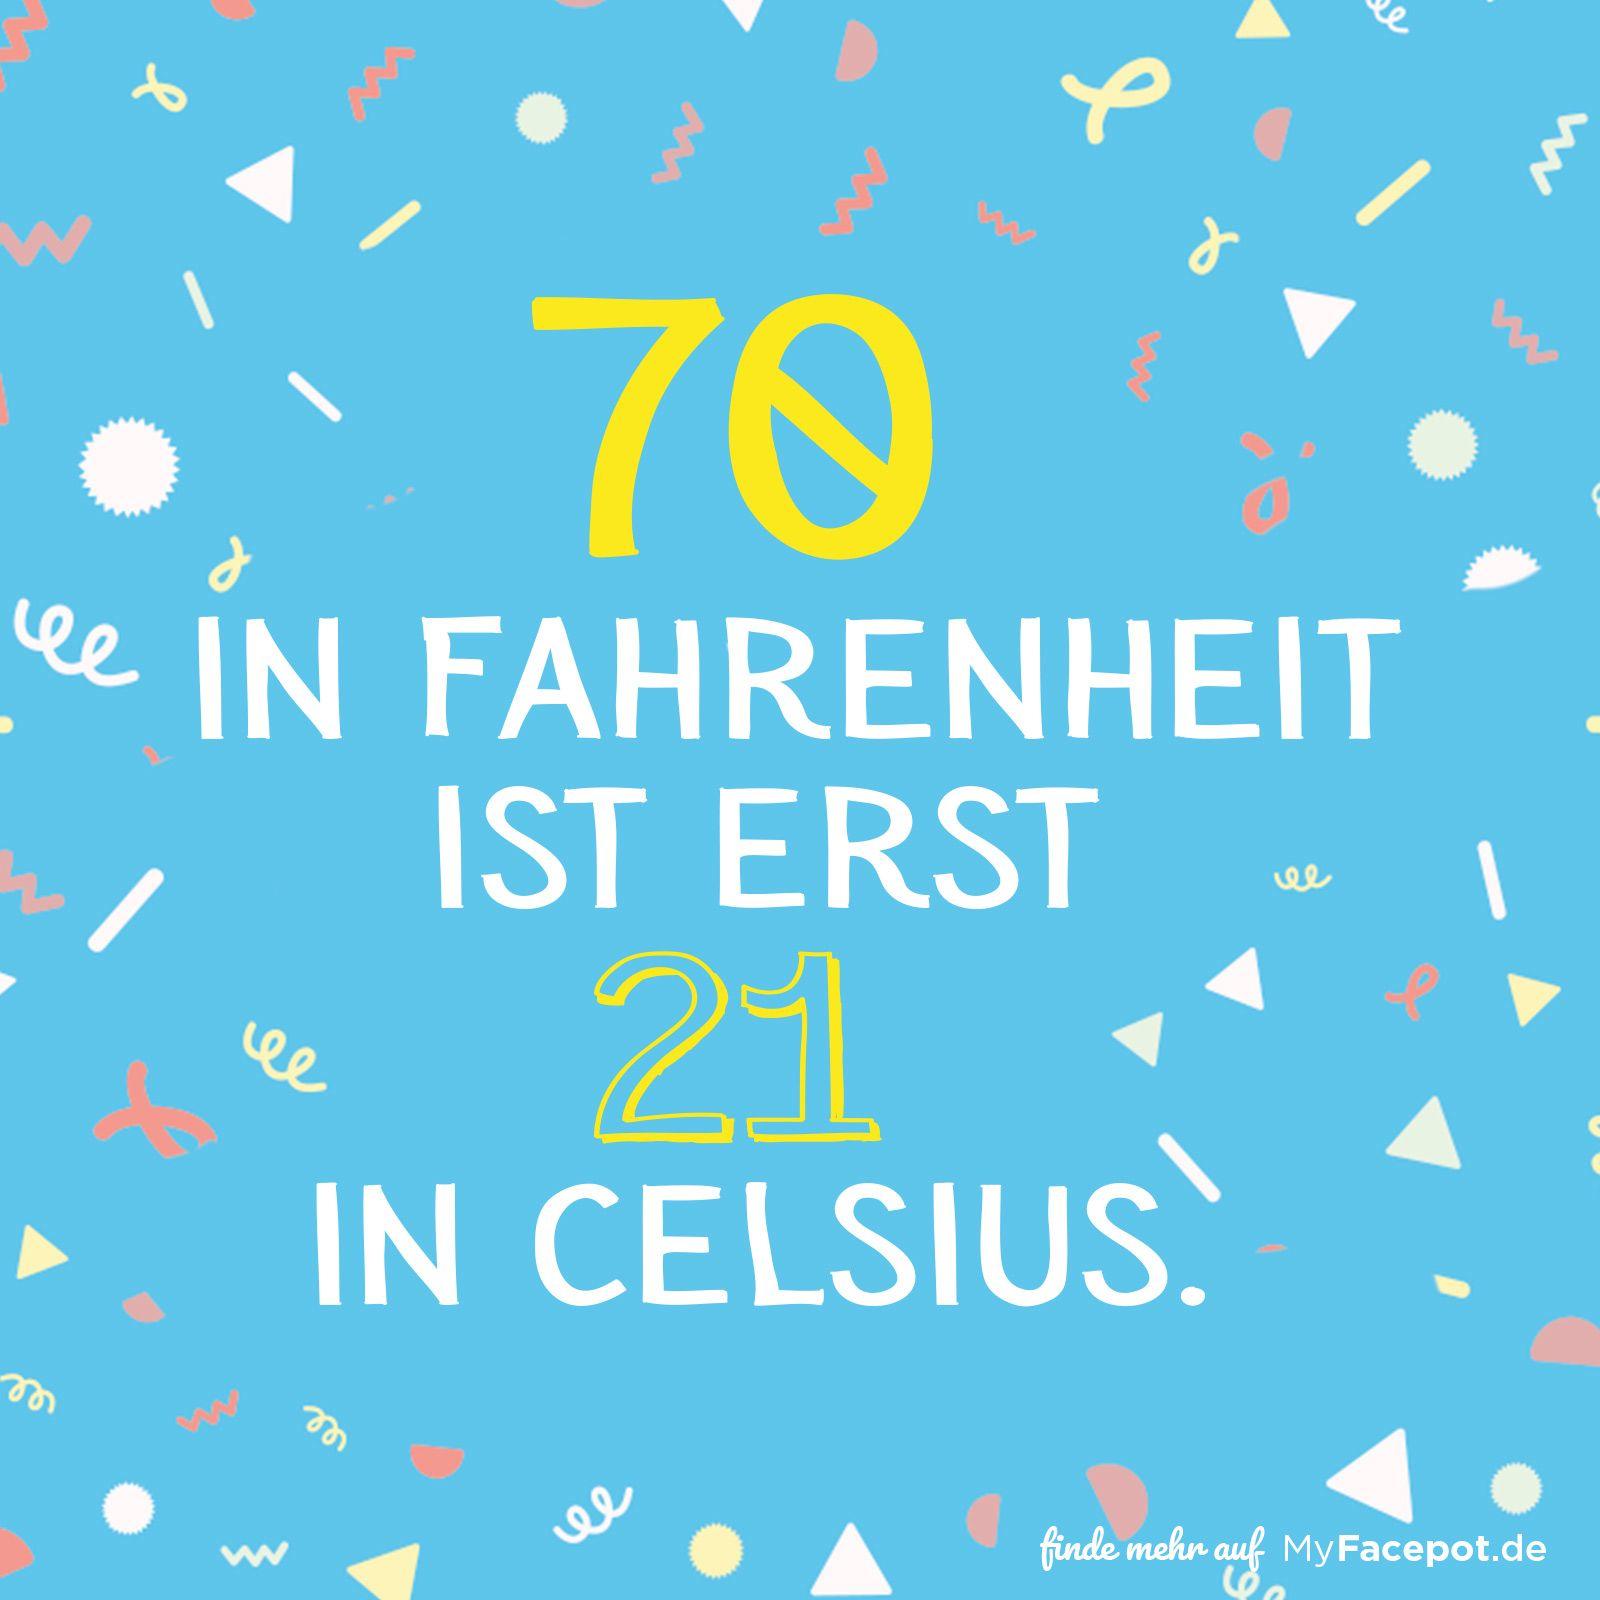 Spruche Zum 70 Geburtstag Herzliche Wunsche Gluckwunsche